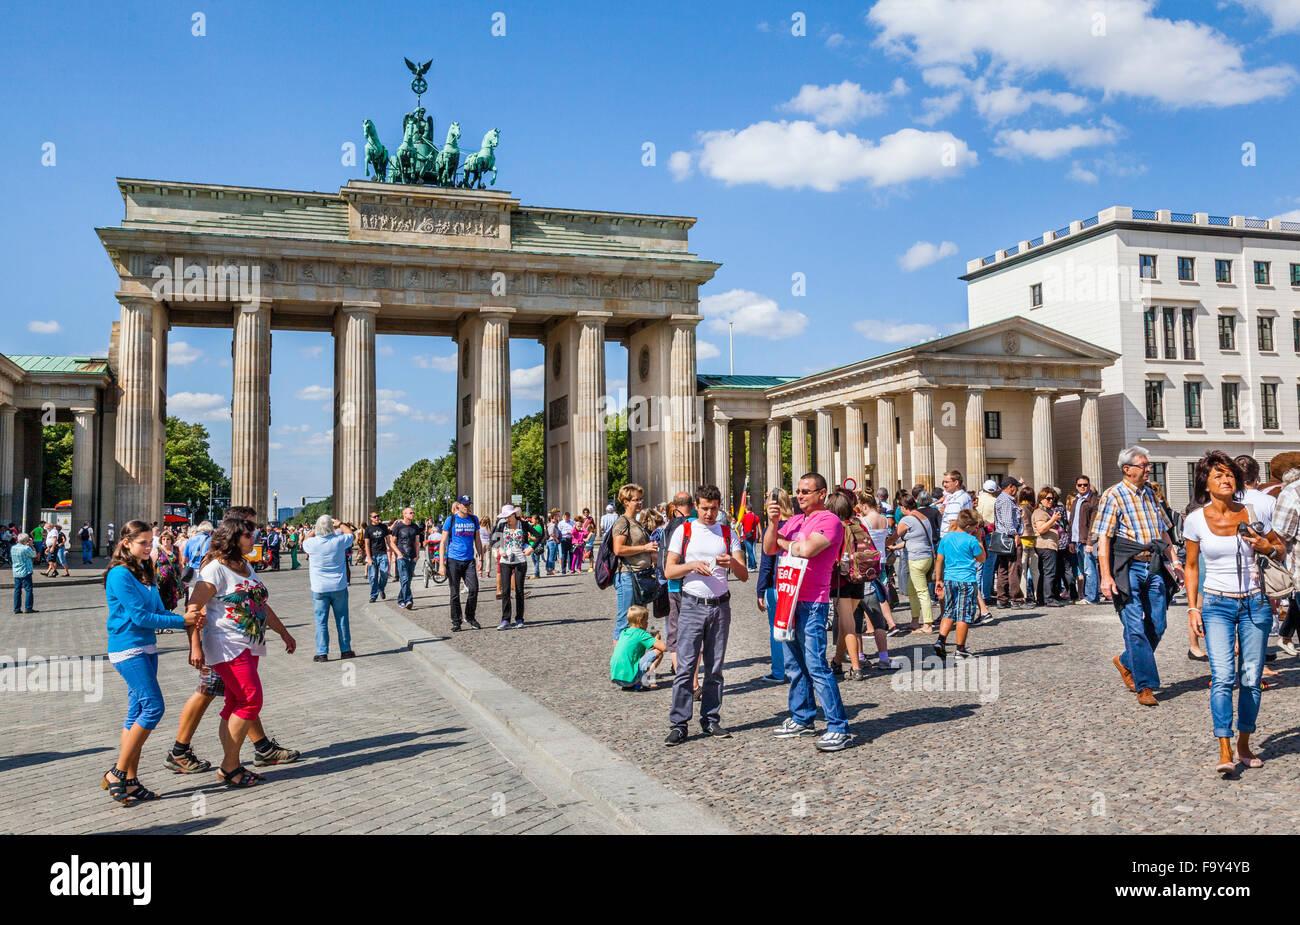 Deutschland, Berlin-Mitte, Besucher-Massen am Pariser Platz, Brandenburger Tor Stockfoto